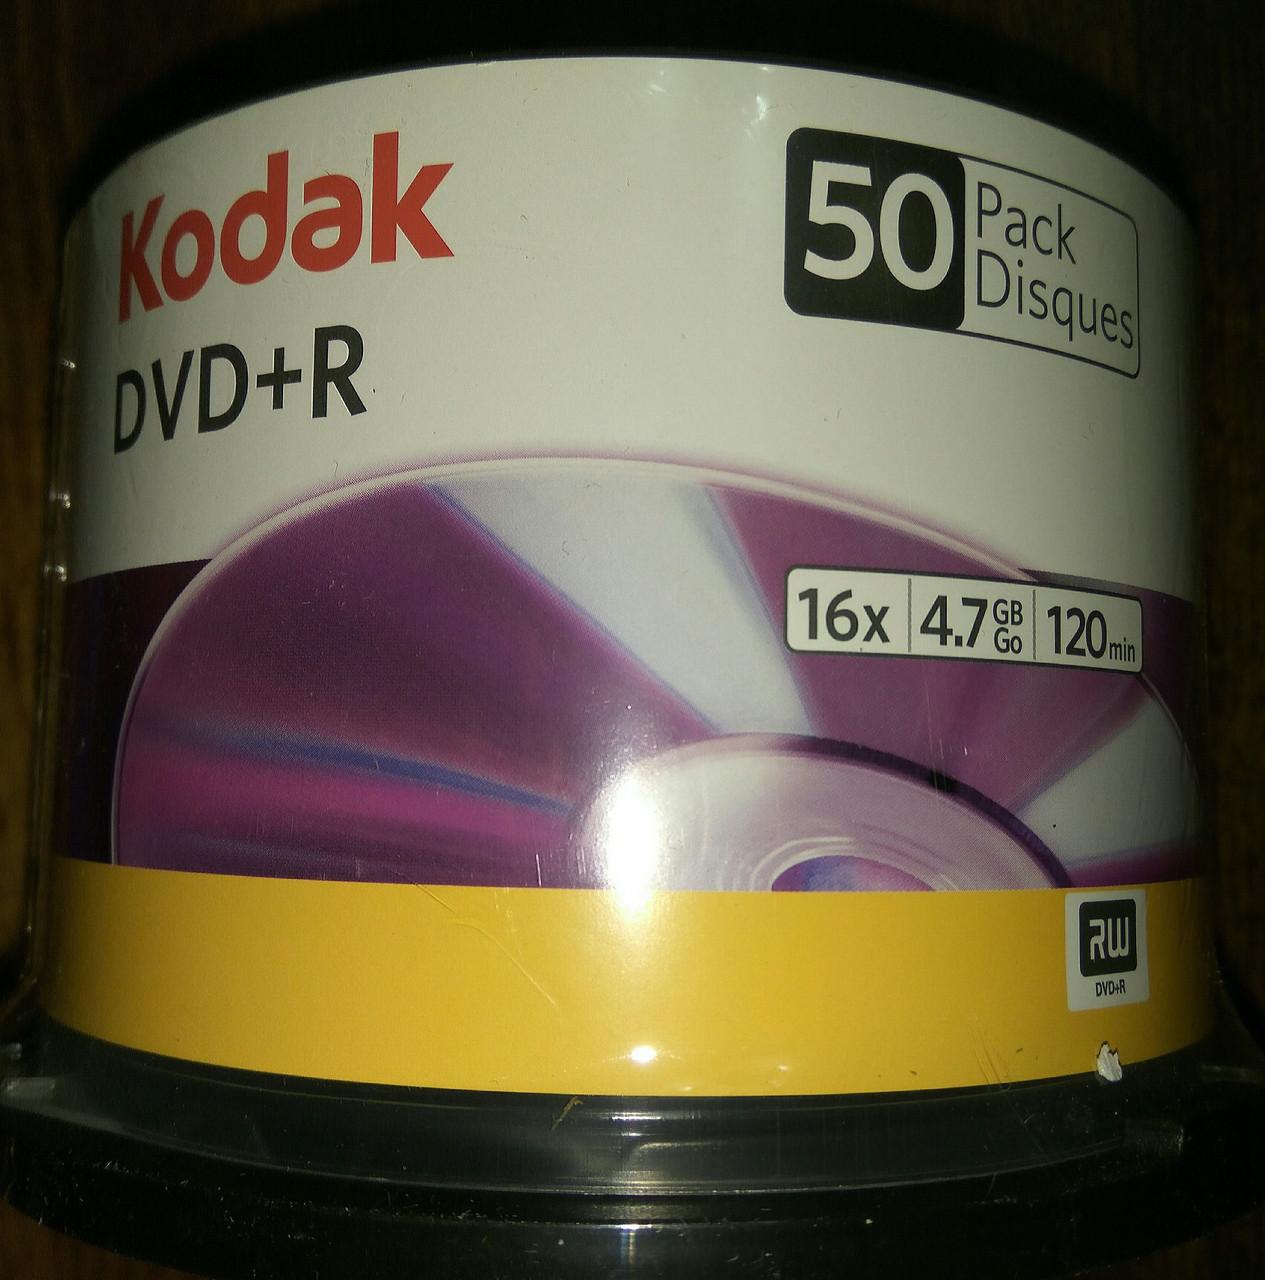 DVD + R Kodak 16 x ( 50 шт и 4 шт)